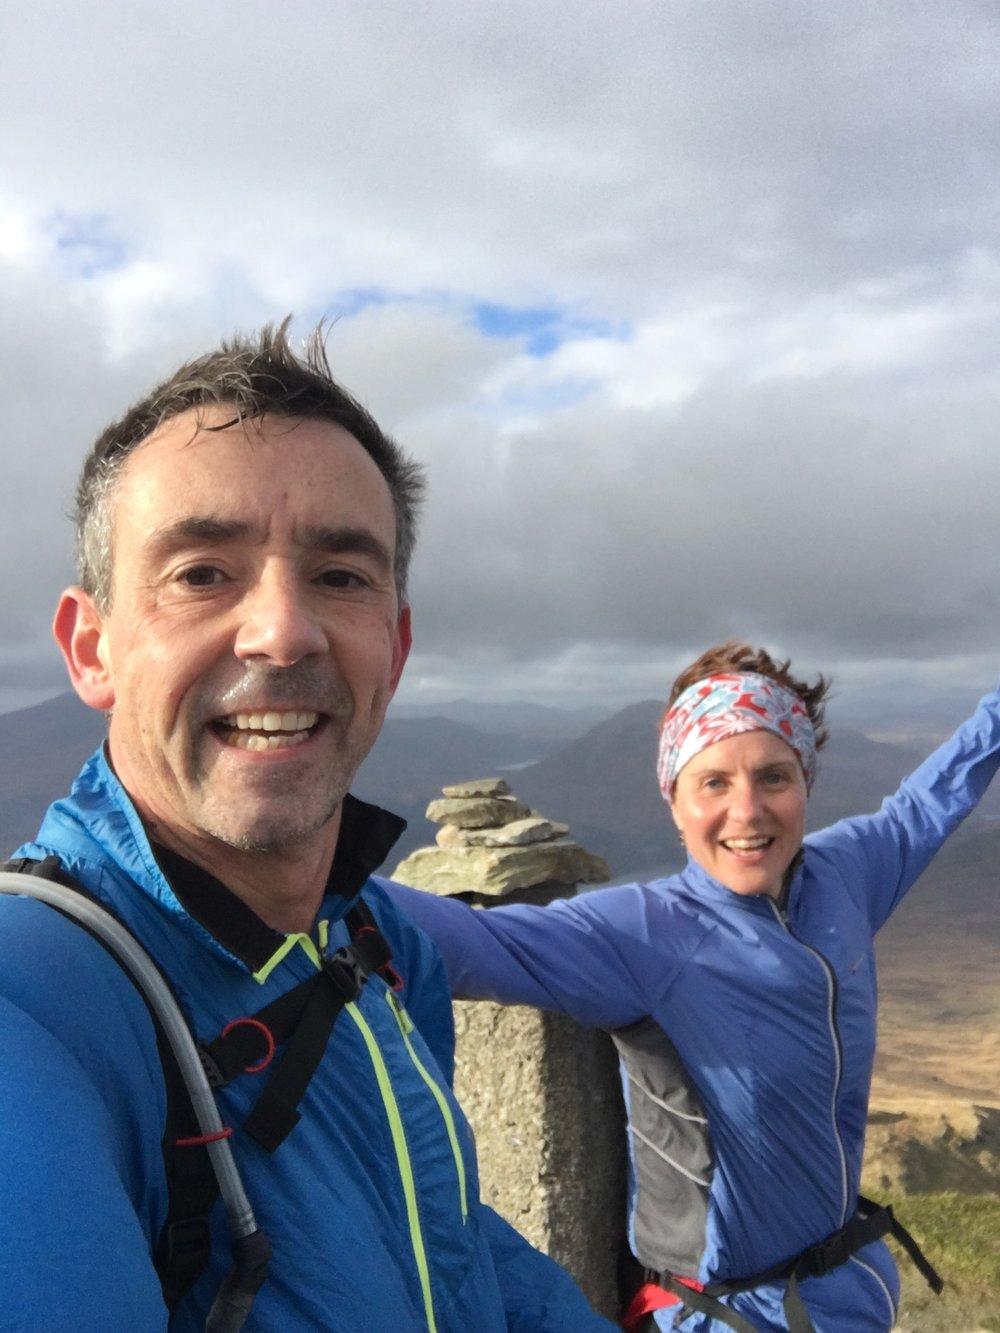 Ben Lomond Summit in the gusty wind